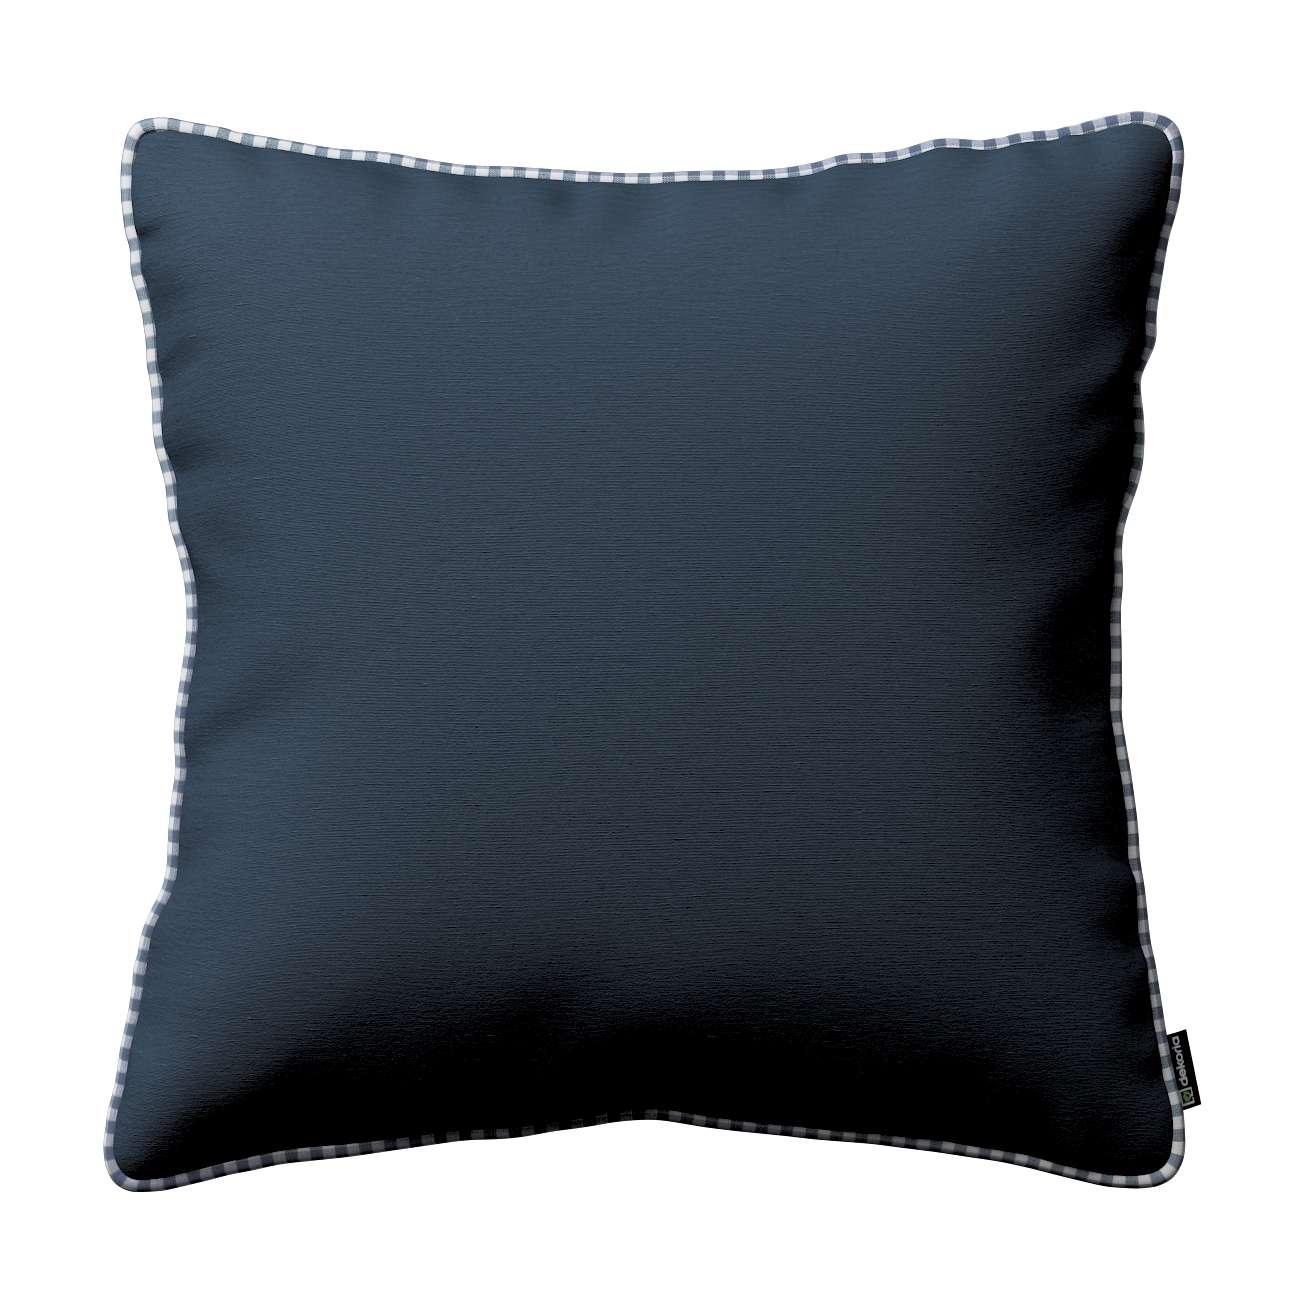 Poszewka Gabi na poduszkę 45 x 45 cm w kolekcji Quadro, tkanina: 136-04